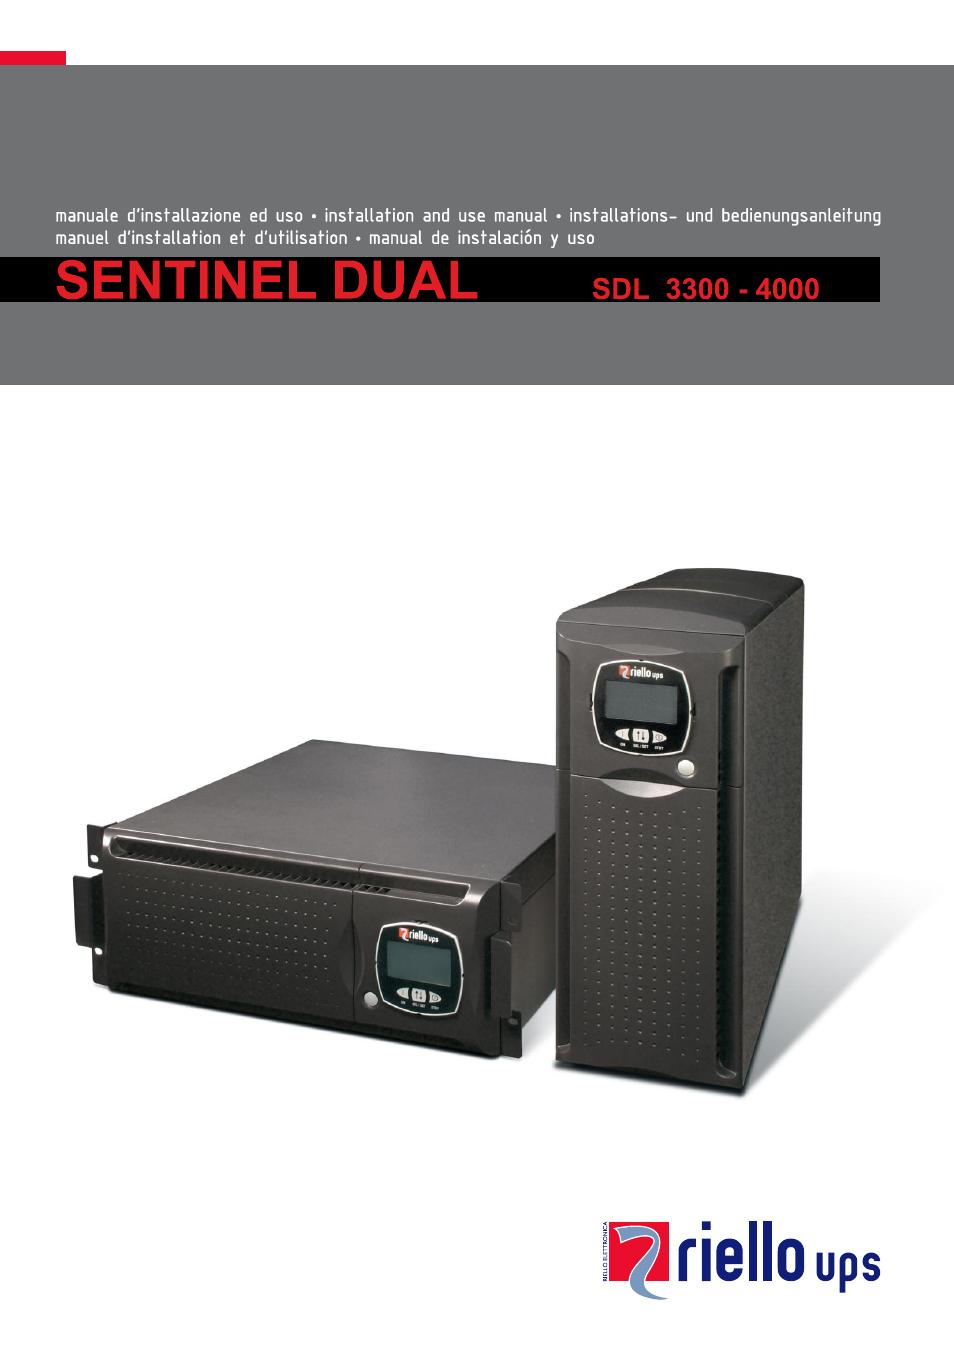 Riello UPS Sentinel Dual (High Power) (3 3 - 10 kVA) User